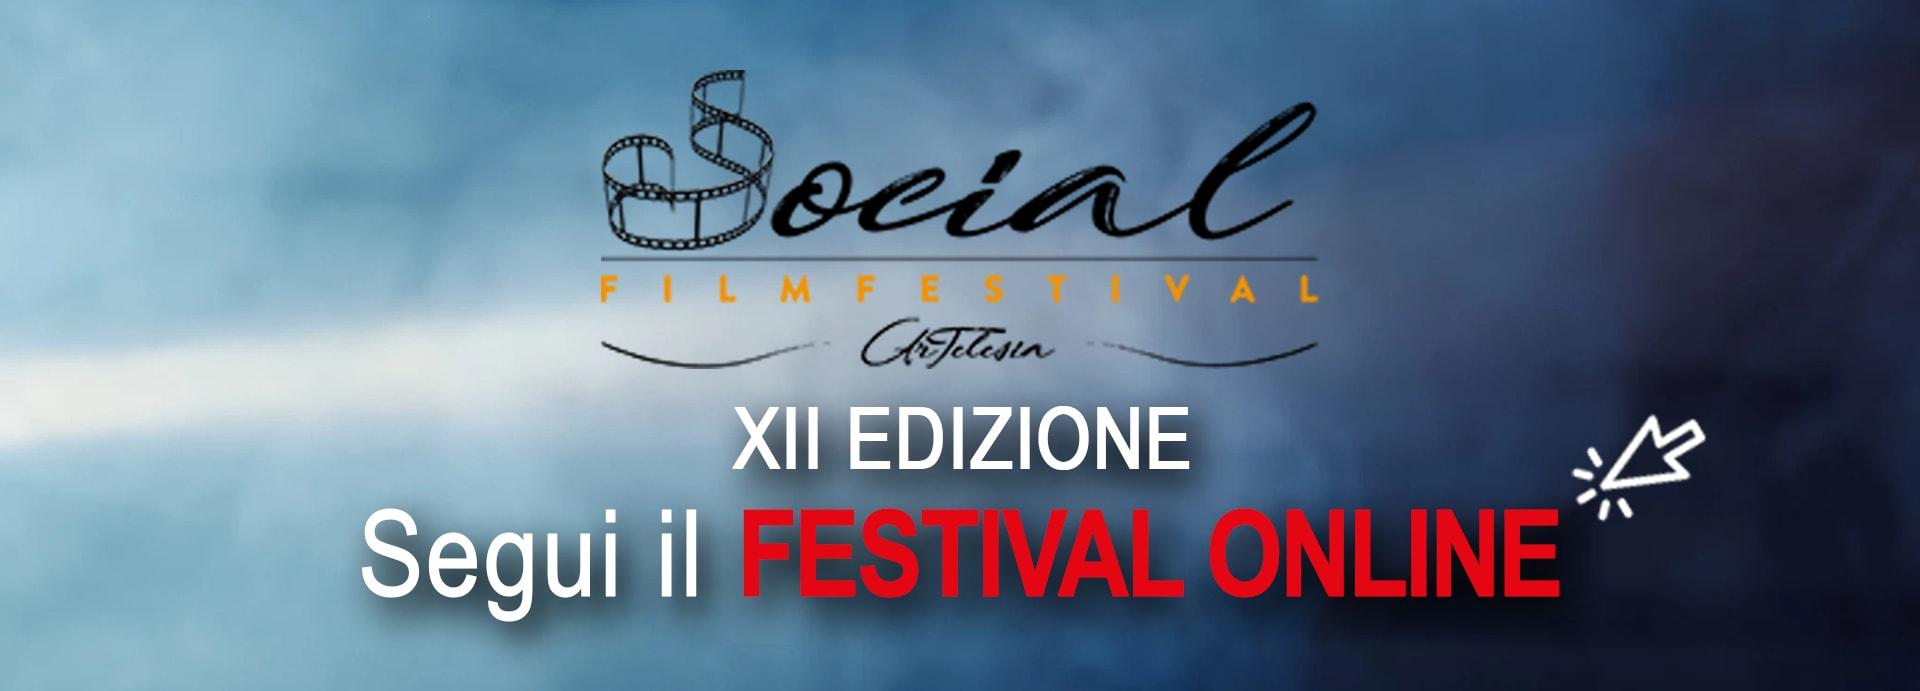 XII Edizione - Social Media Festival ArTelesia